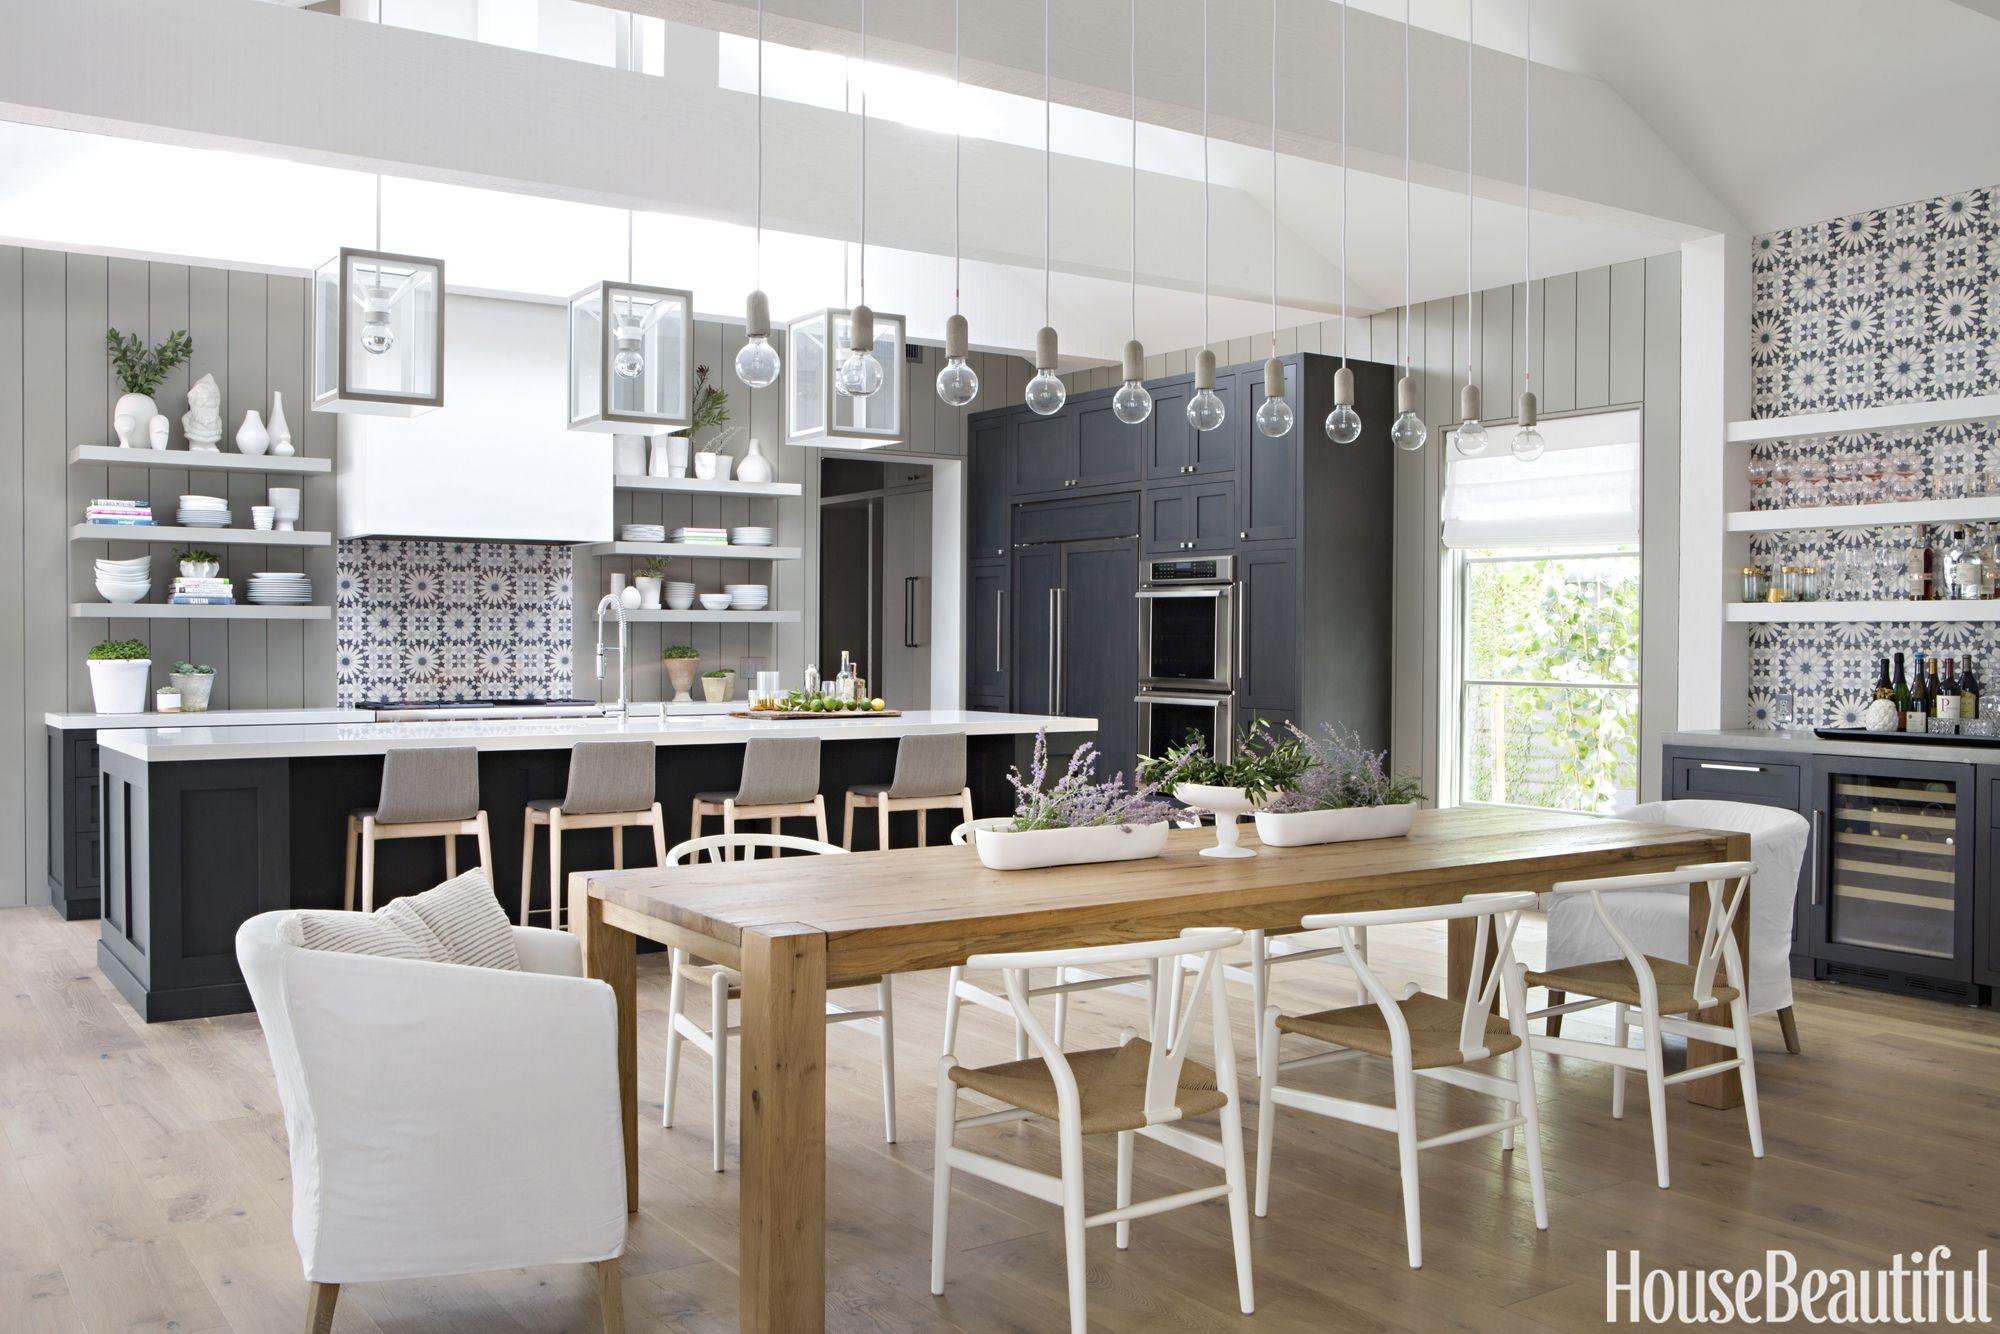 image & 10 Best Modern Kitchen Design Ideas in 2018 - Modern Kitchen Decor ...